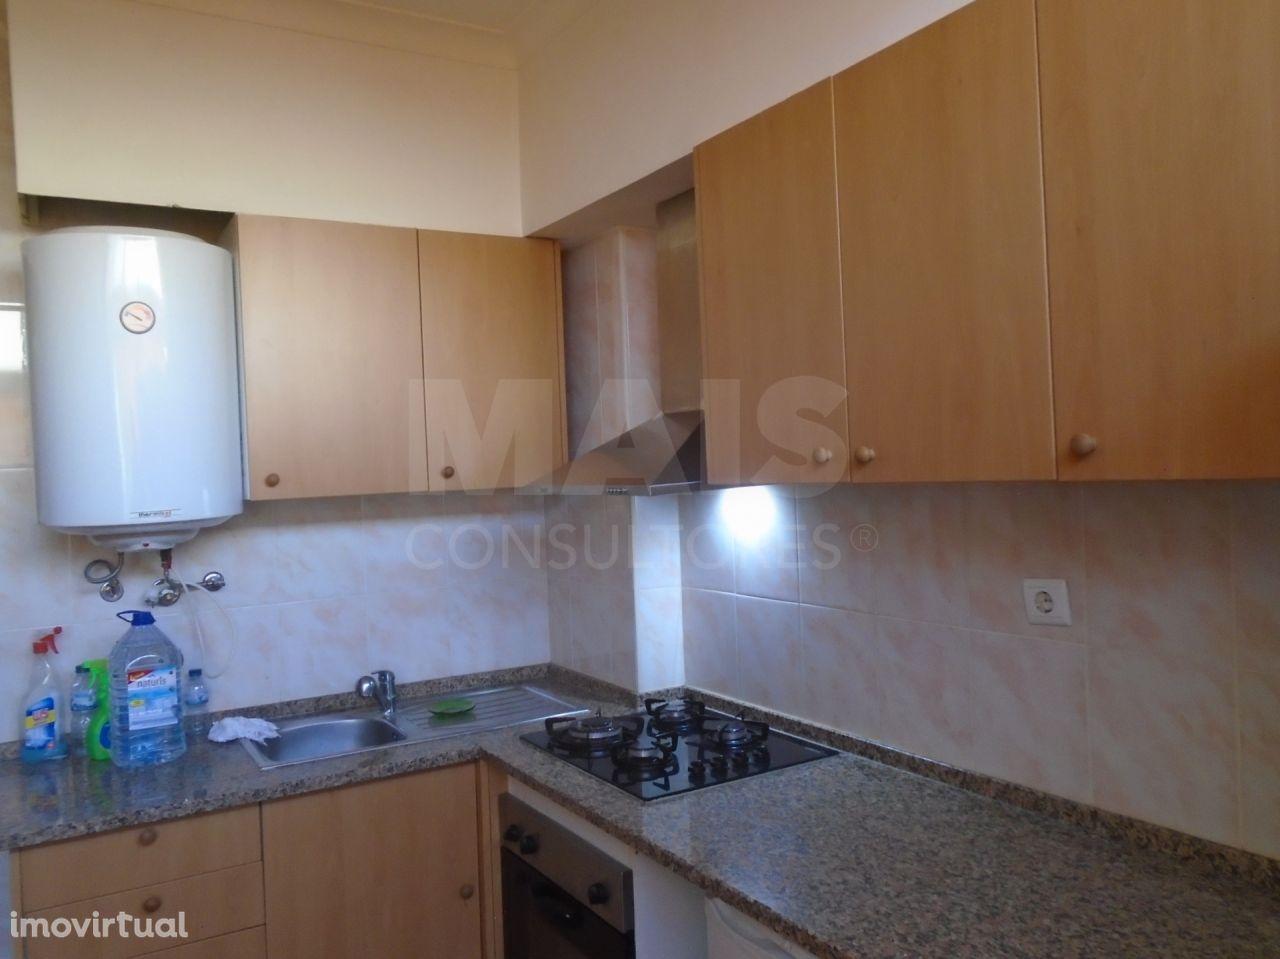 Apartamento T1 na Amadora (Mercado)